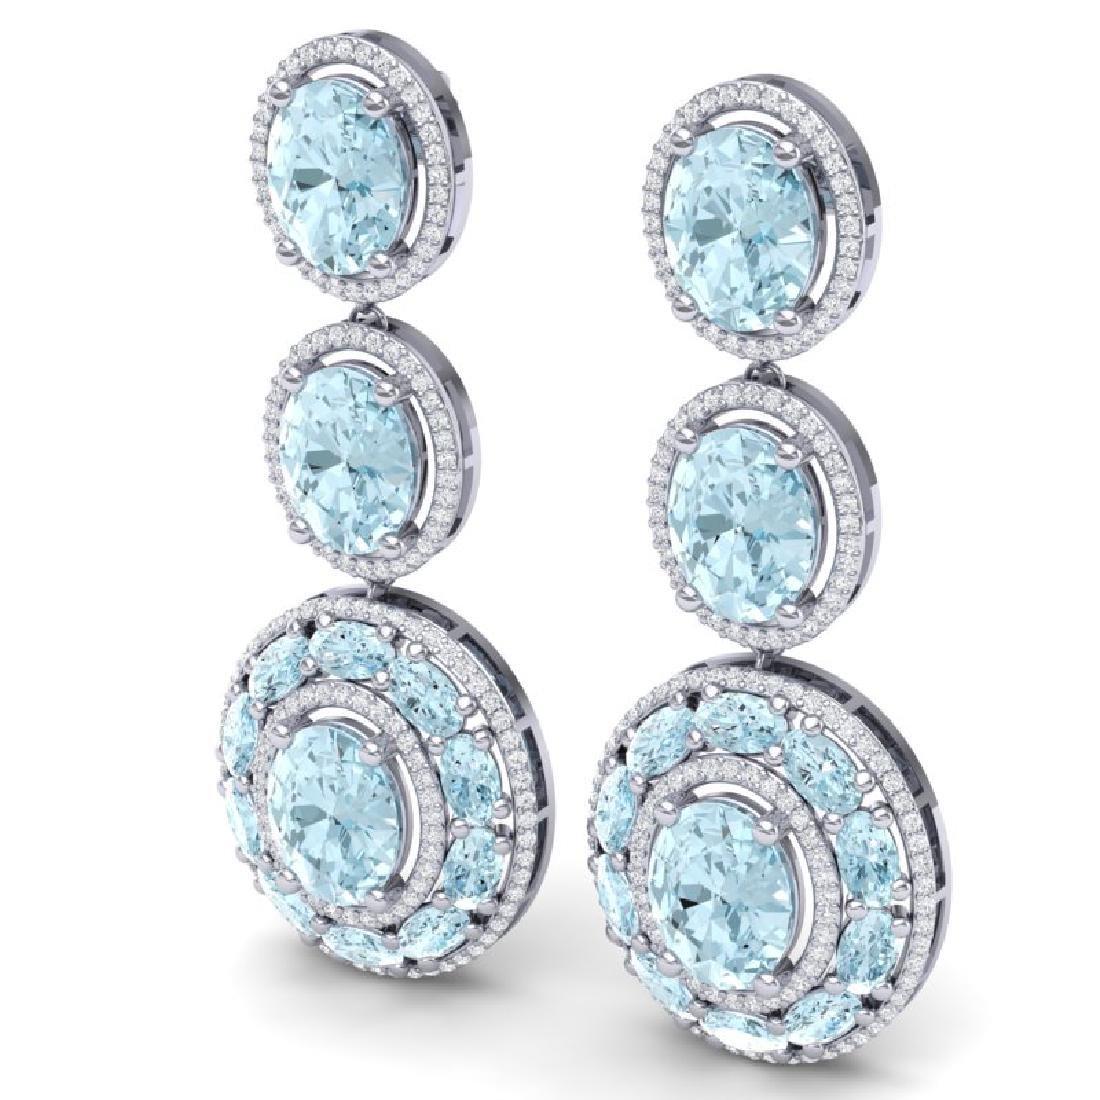 34.52 CTW Royalty Sky Topaz & VS Diamond Earrings 18K - 2